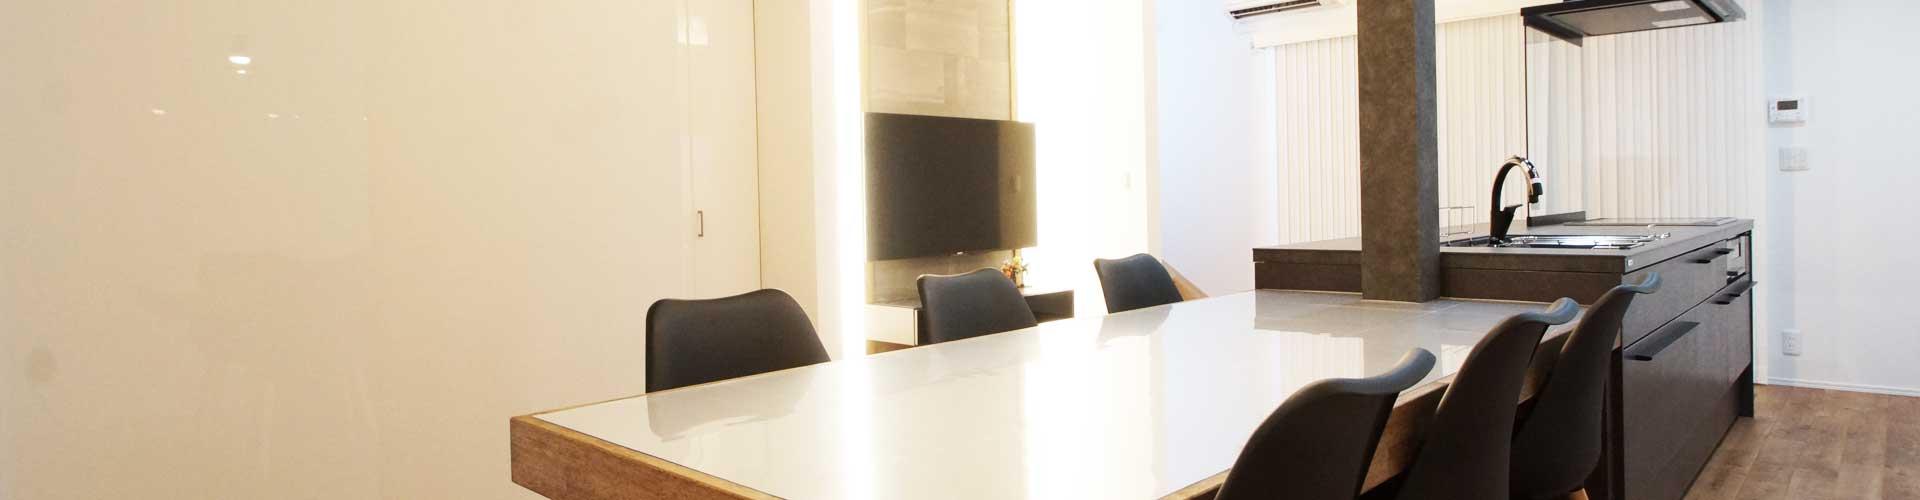 加藤建築株式会社